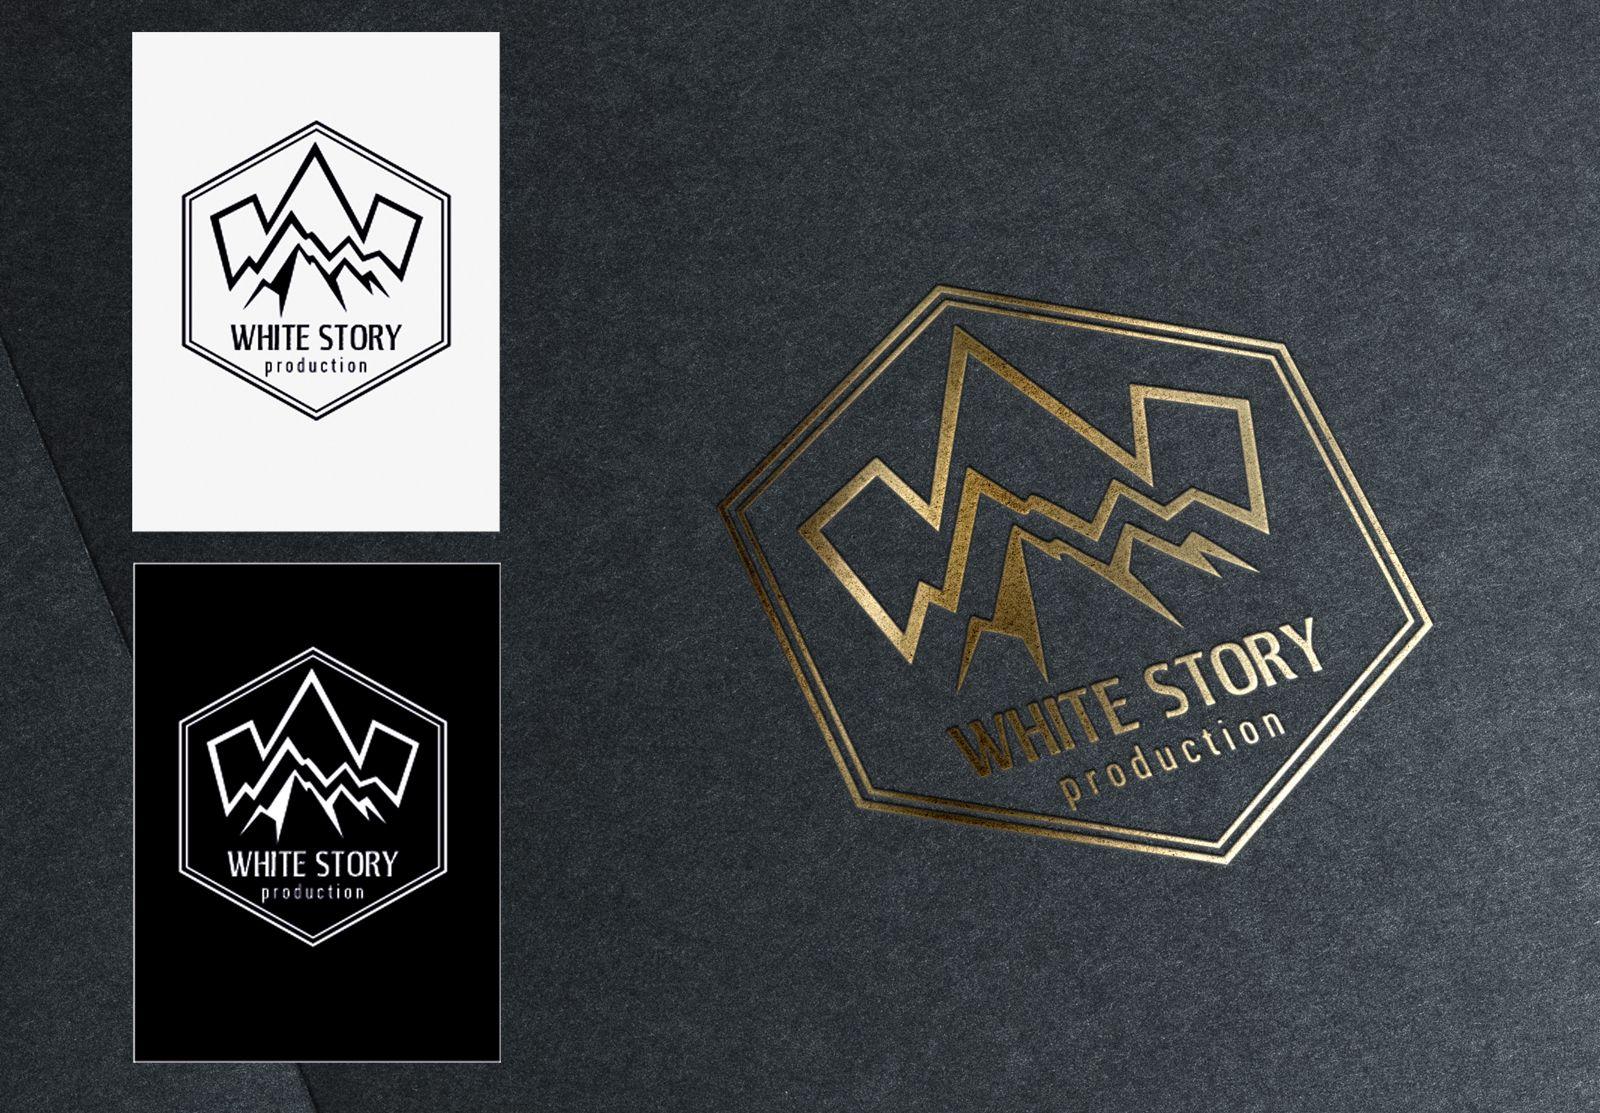 Логотип для Логотип для Фото и Видео продакшена - дизайнер yulyok13